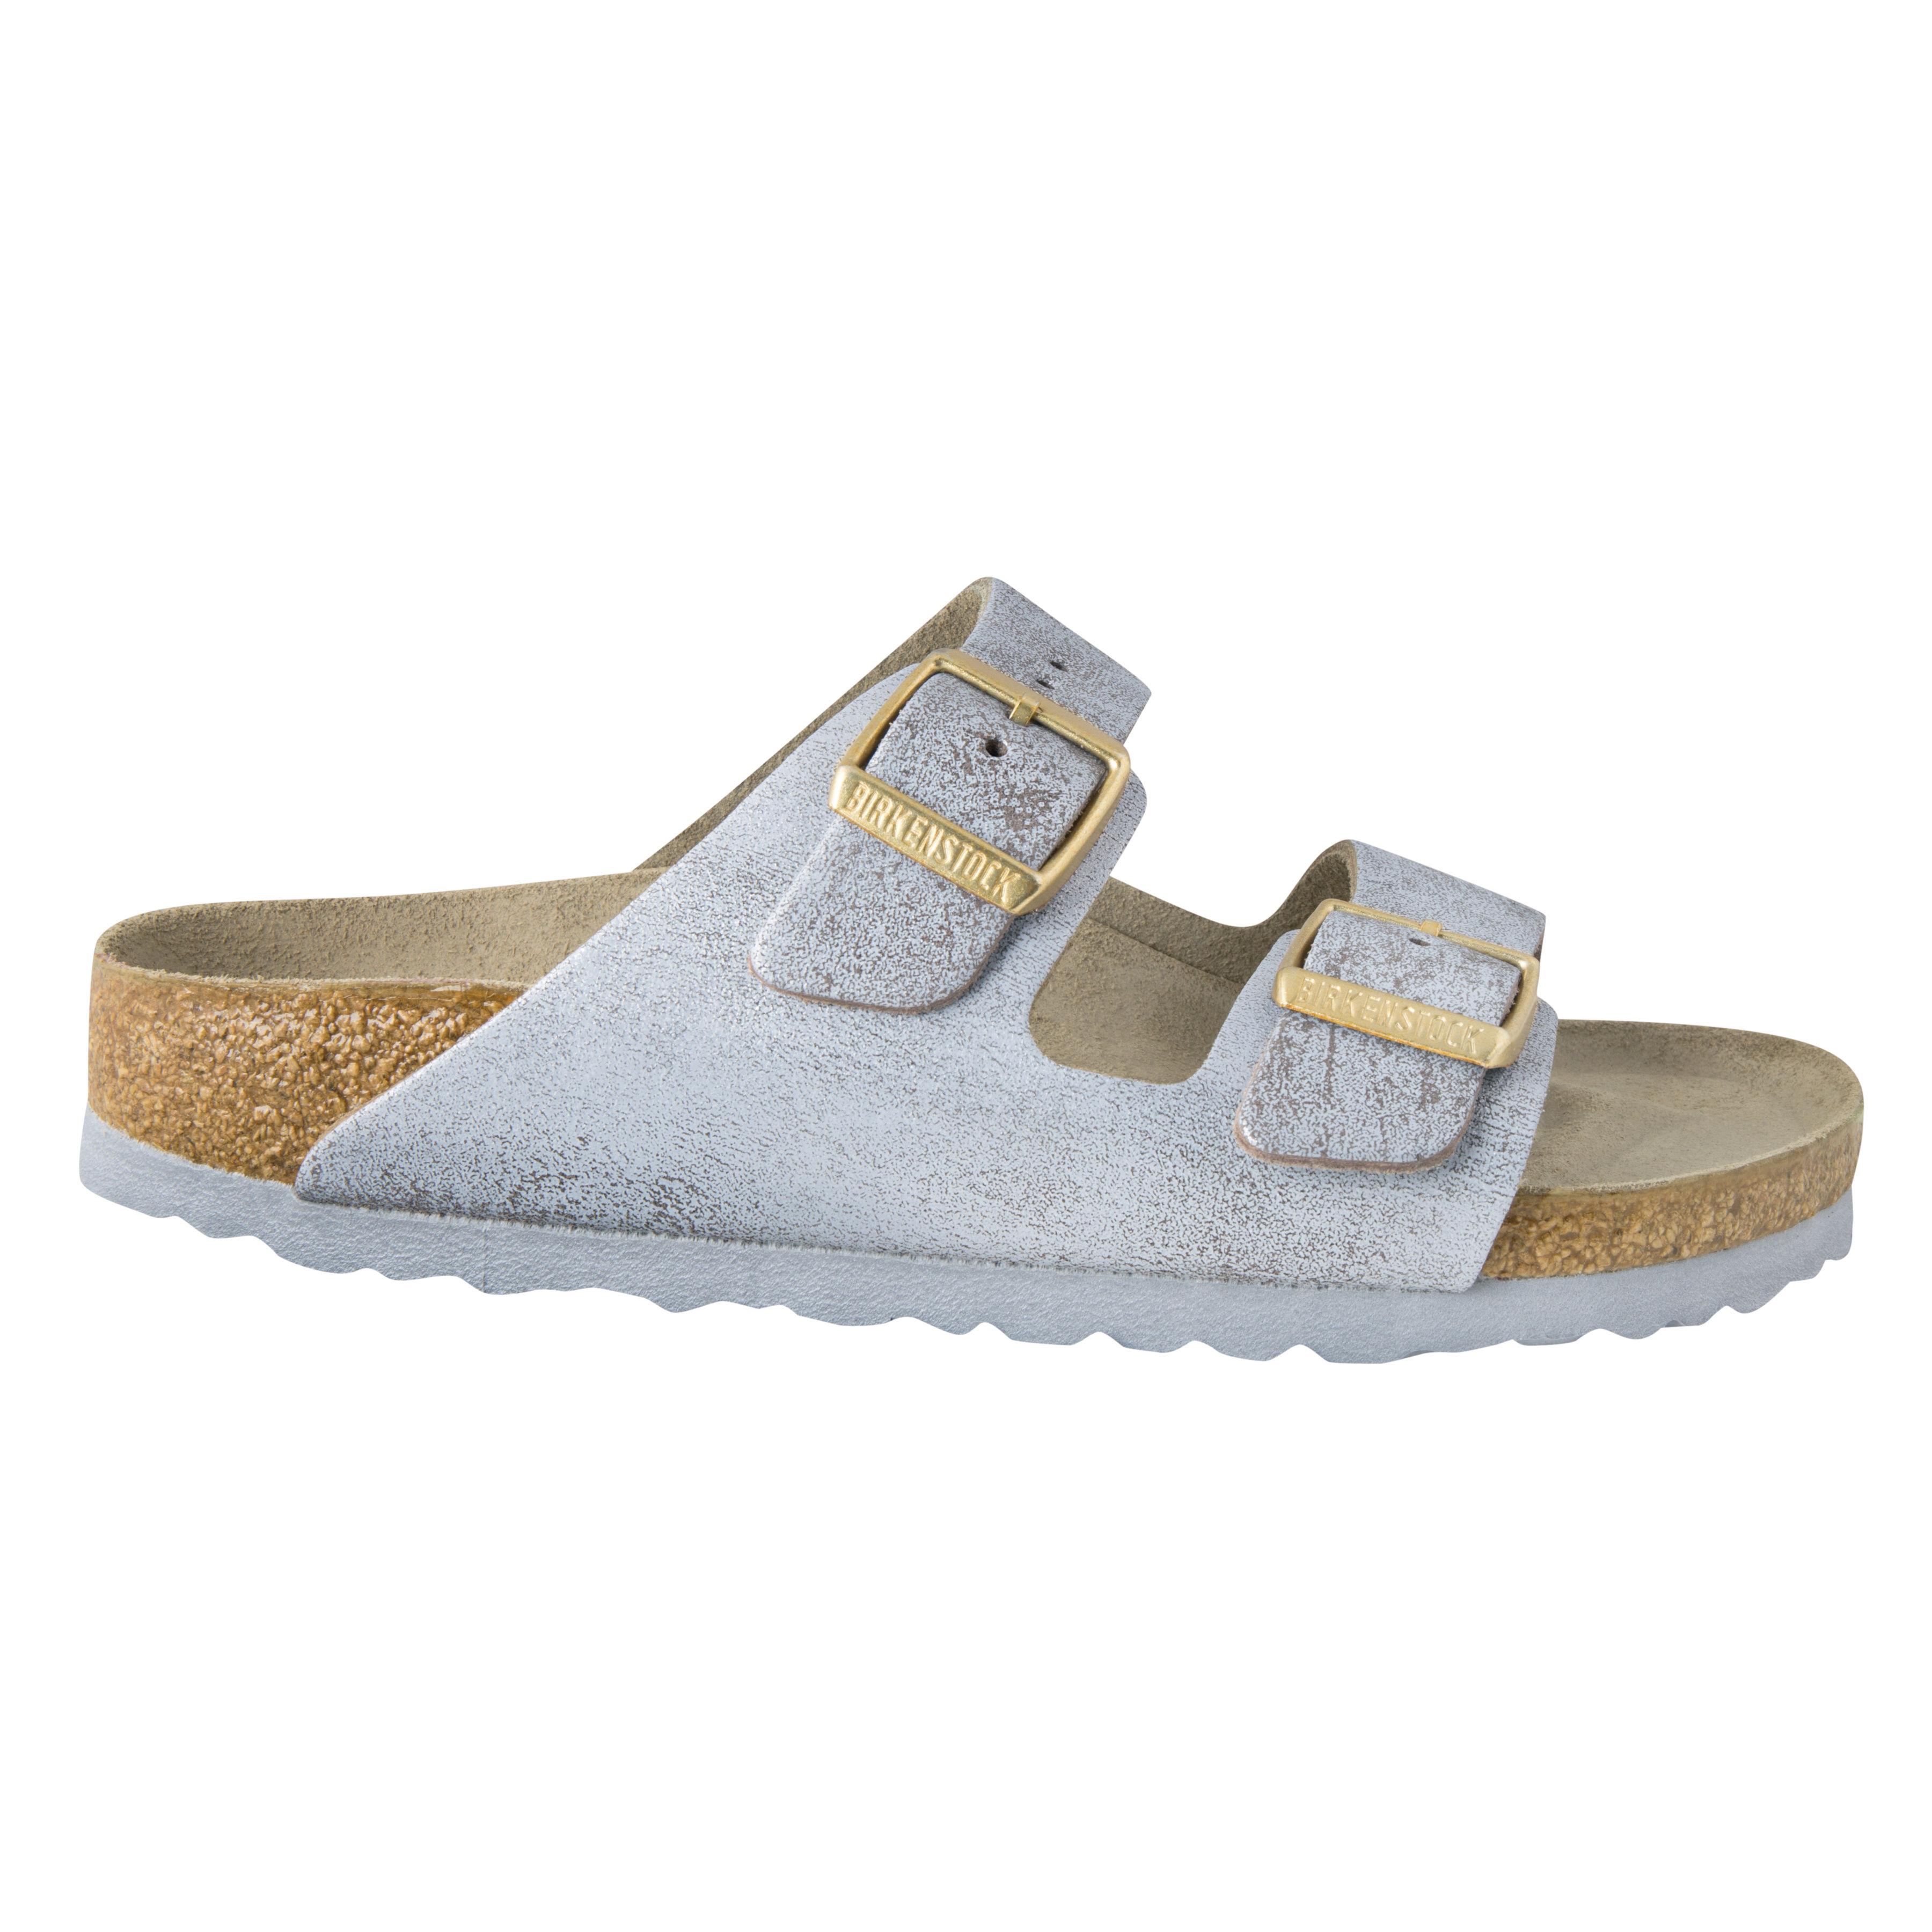 birkenstock arizona pantolette beige metallic